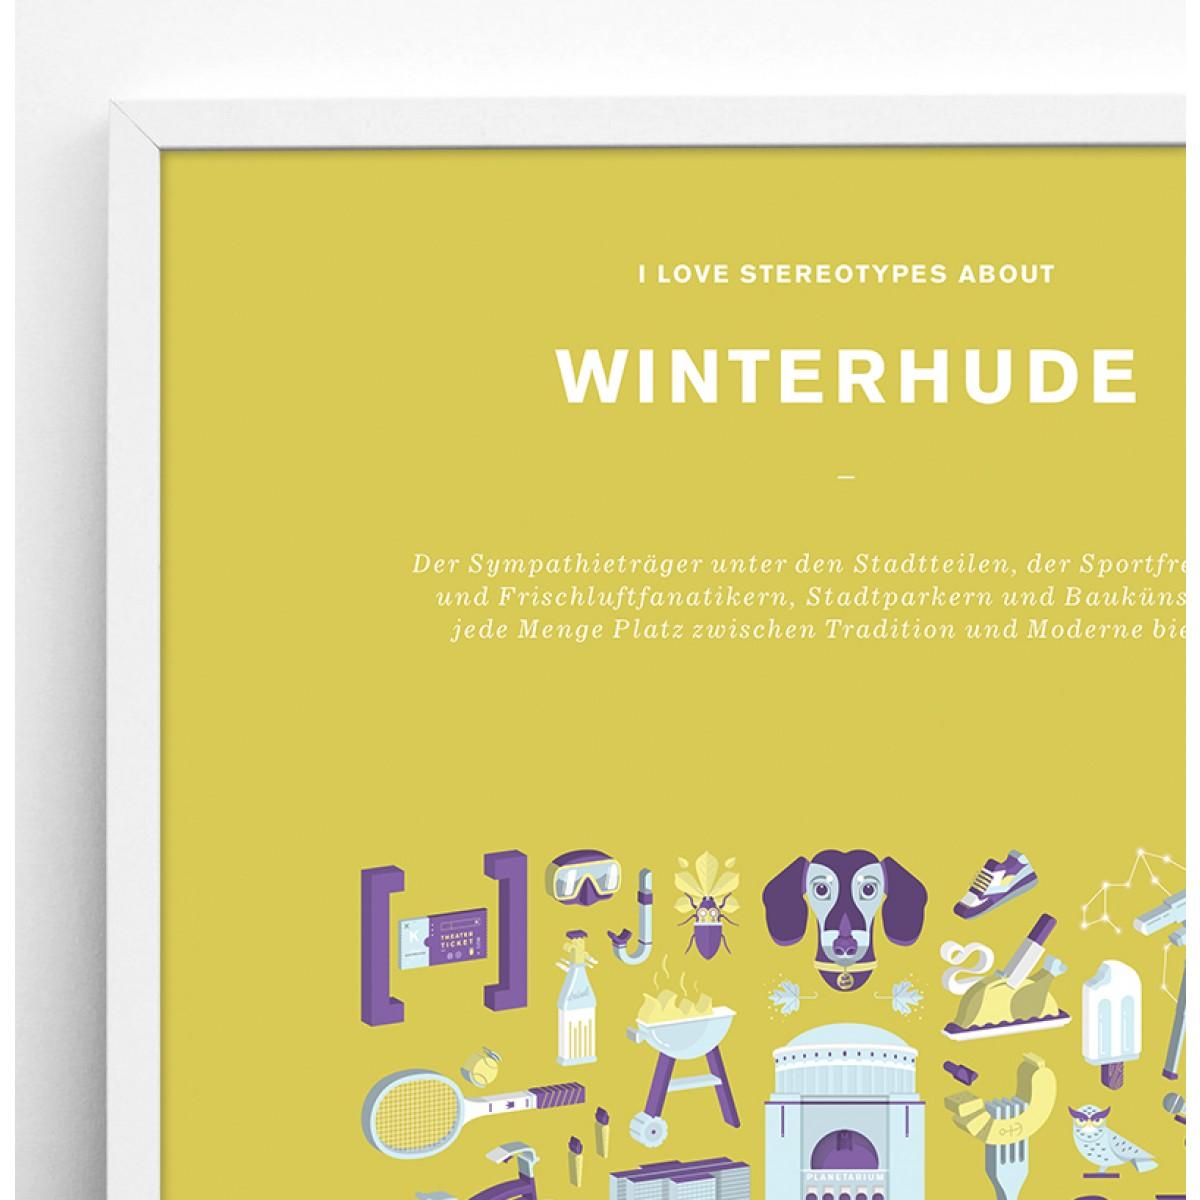 Bureau Bald Stadtteil Plakat Winterhude